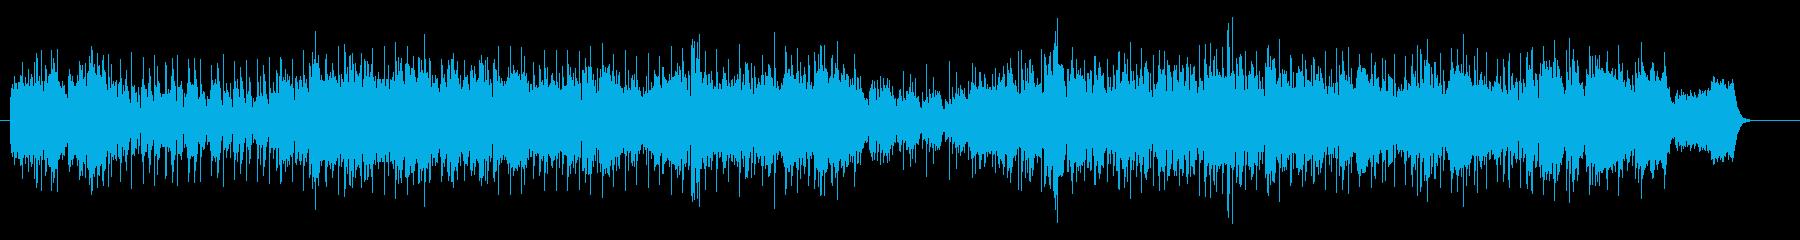 爽快なテーマ・ソング風の再生済みの波形